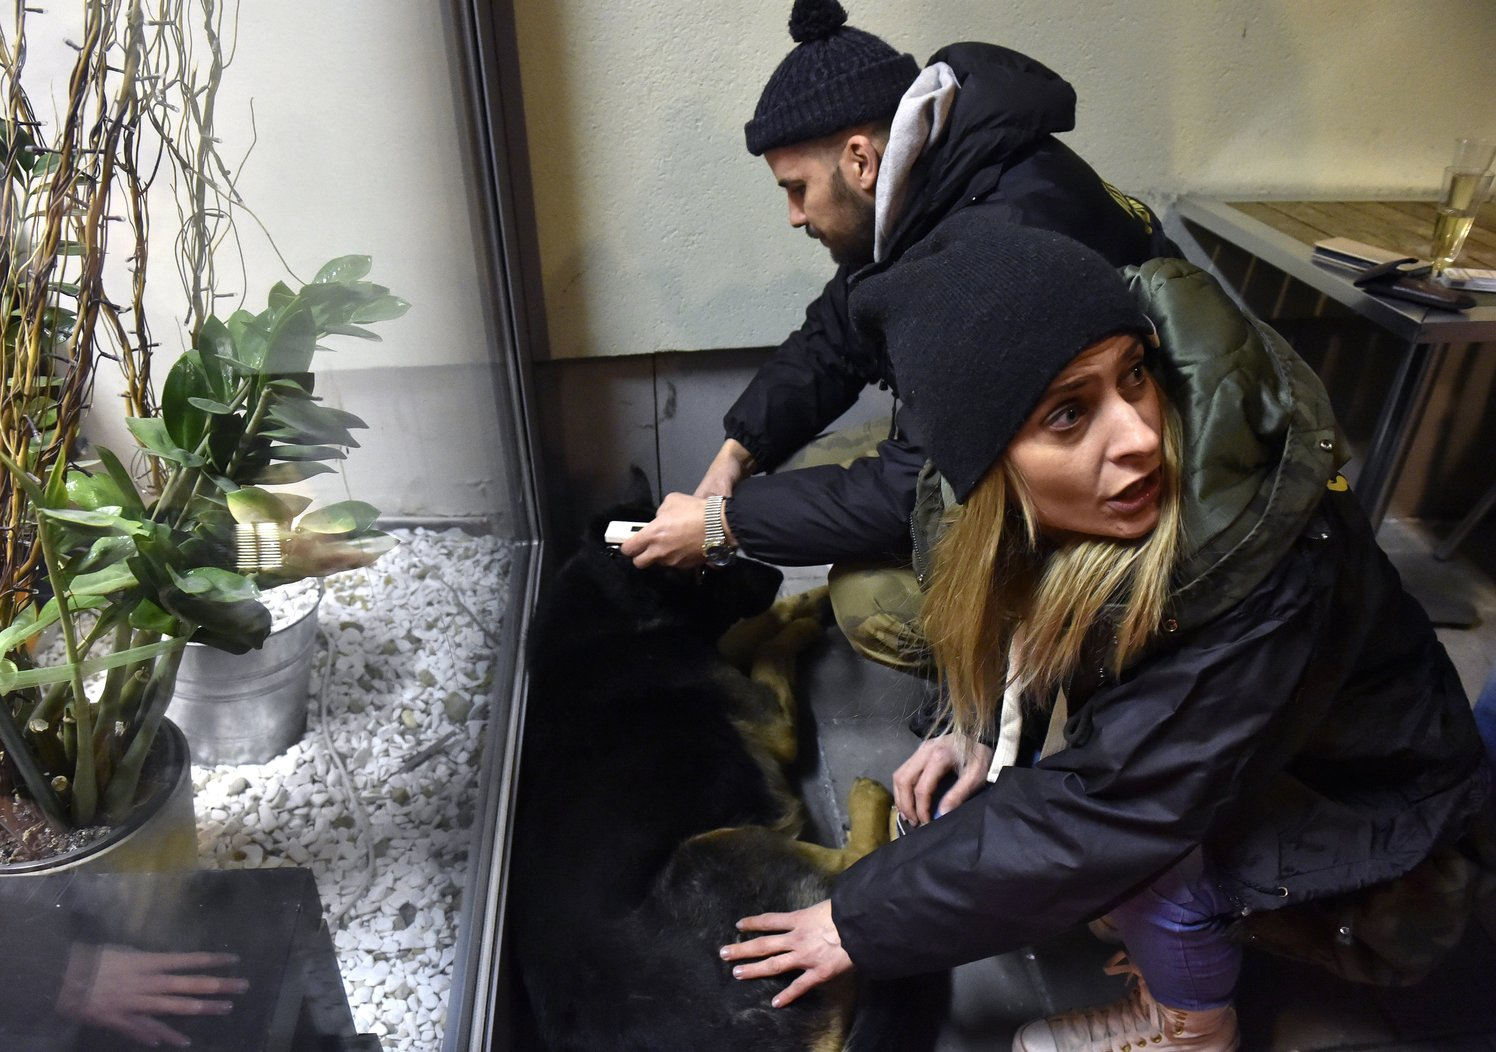 Az Állatmentő Szolgálat Alapítvány alapítója, Somogyi Zoltán és munkatársa, Némedi Edina egy petárdáktól megriadt, elszökött kutyát találnak egy XXII. kerületi szórakozóhely mellett  (MTI-fotó: Máthé Zoltán)